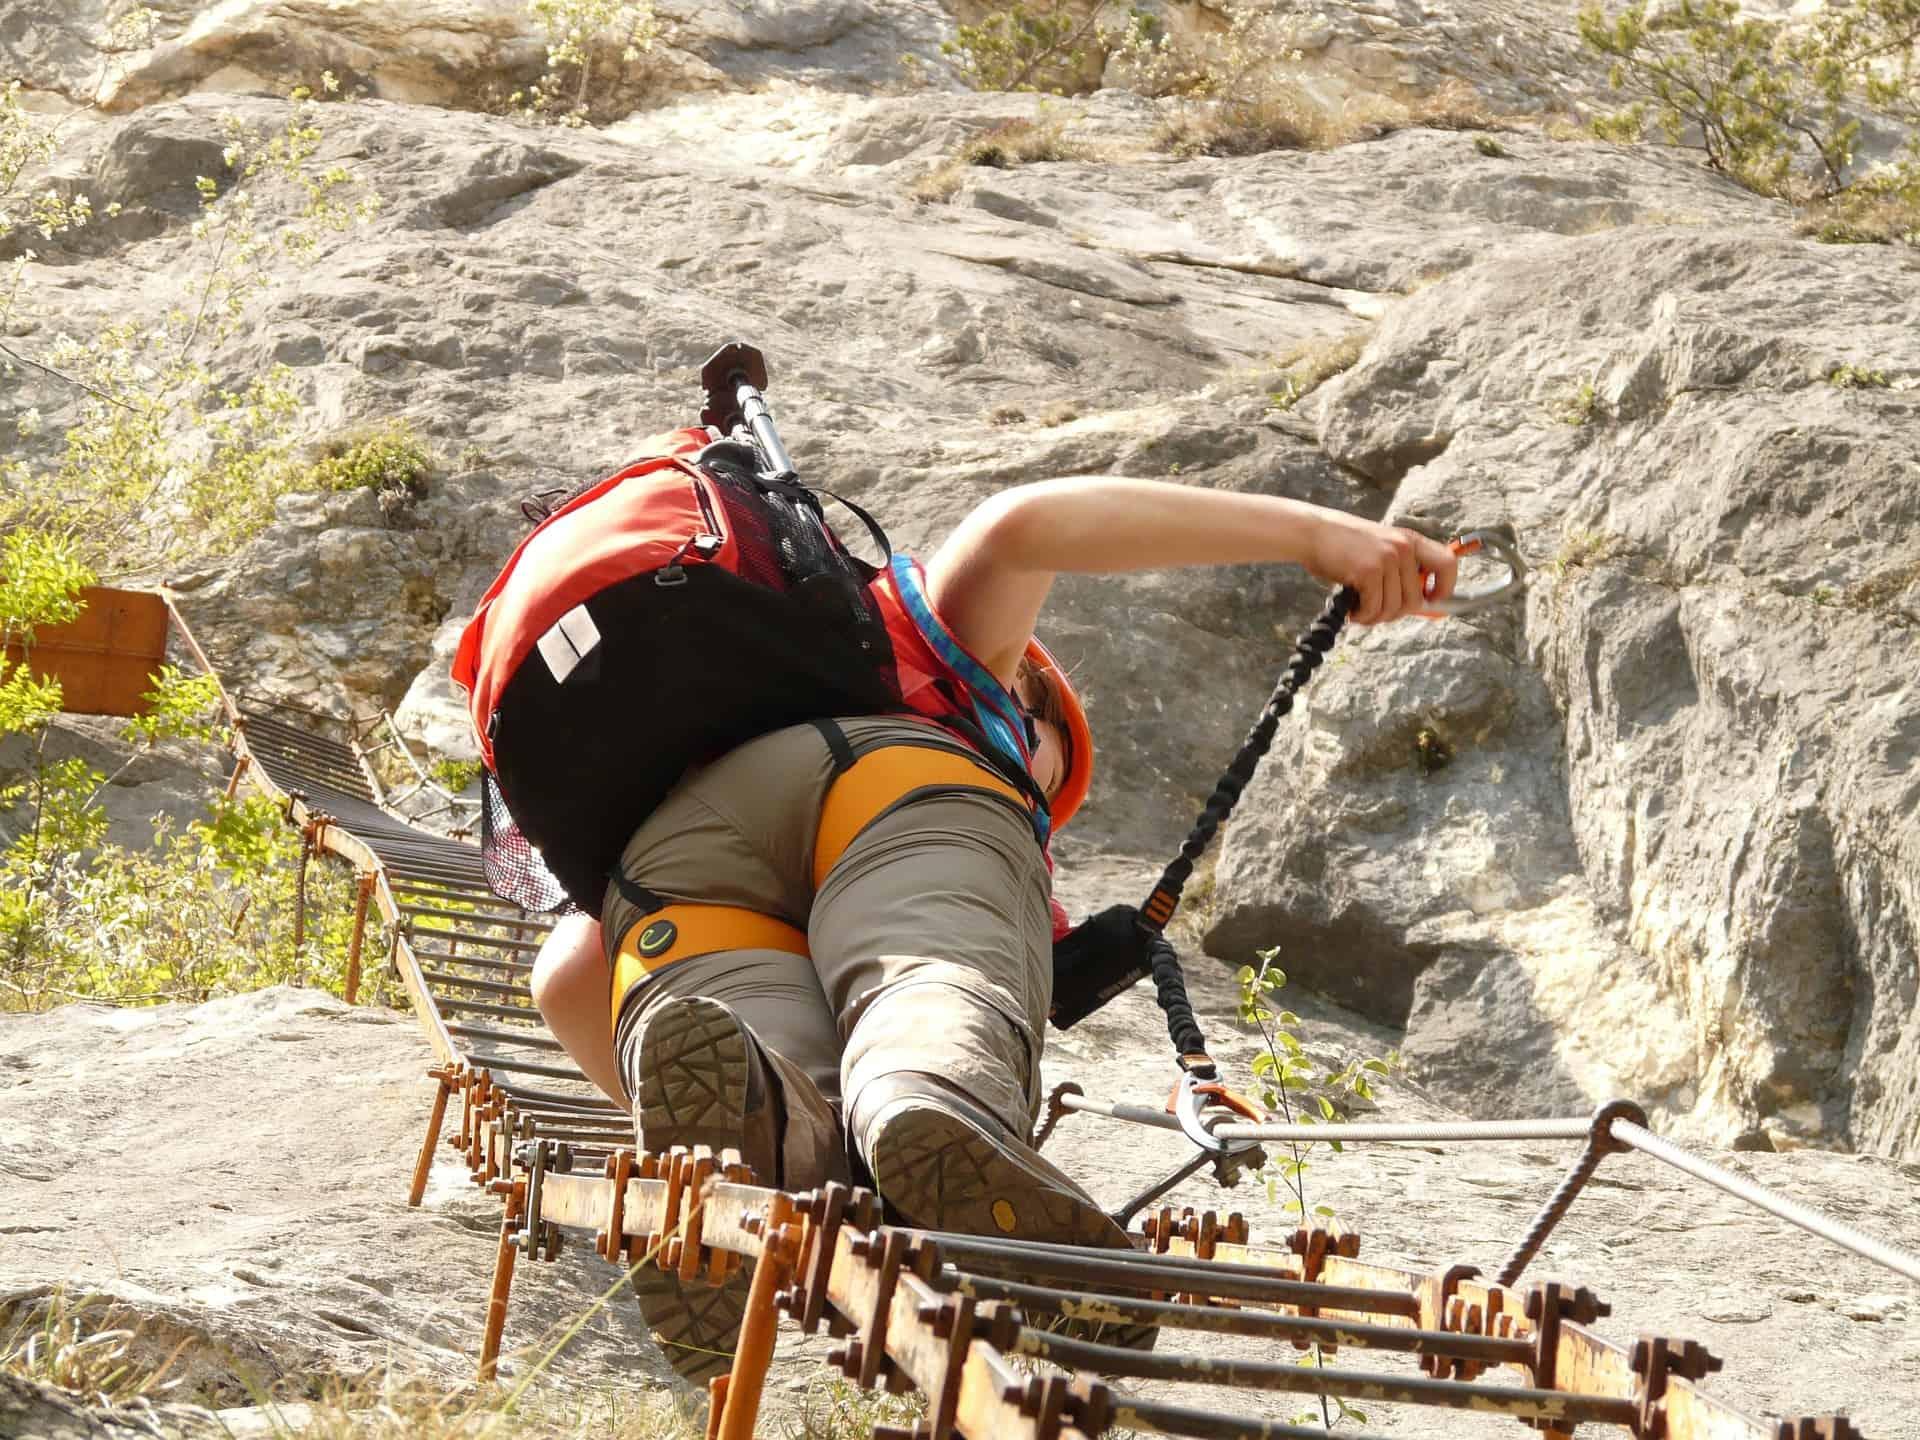 Unterschied Klettersteigset Klettergurt : Klettersteigset test die besten klettersteigsets im vergleich